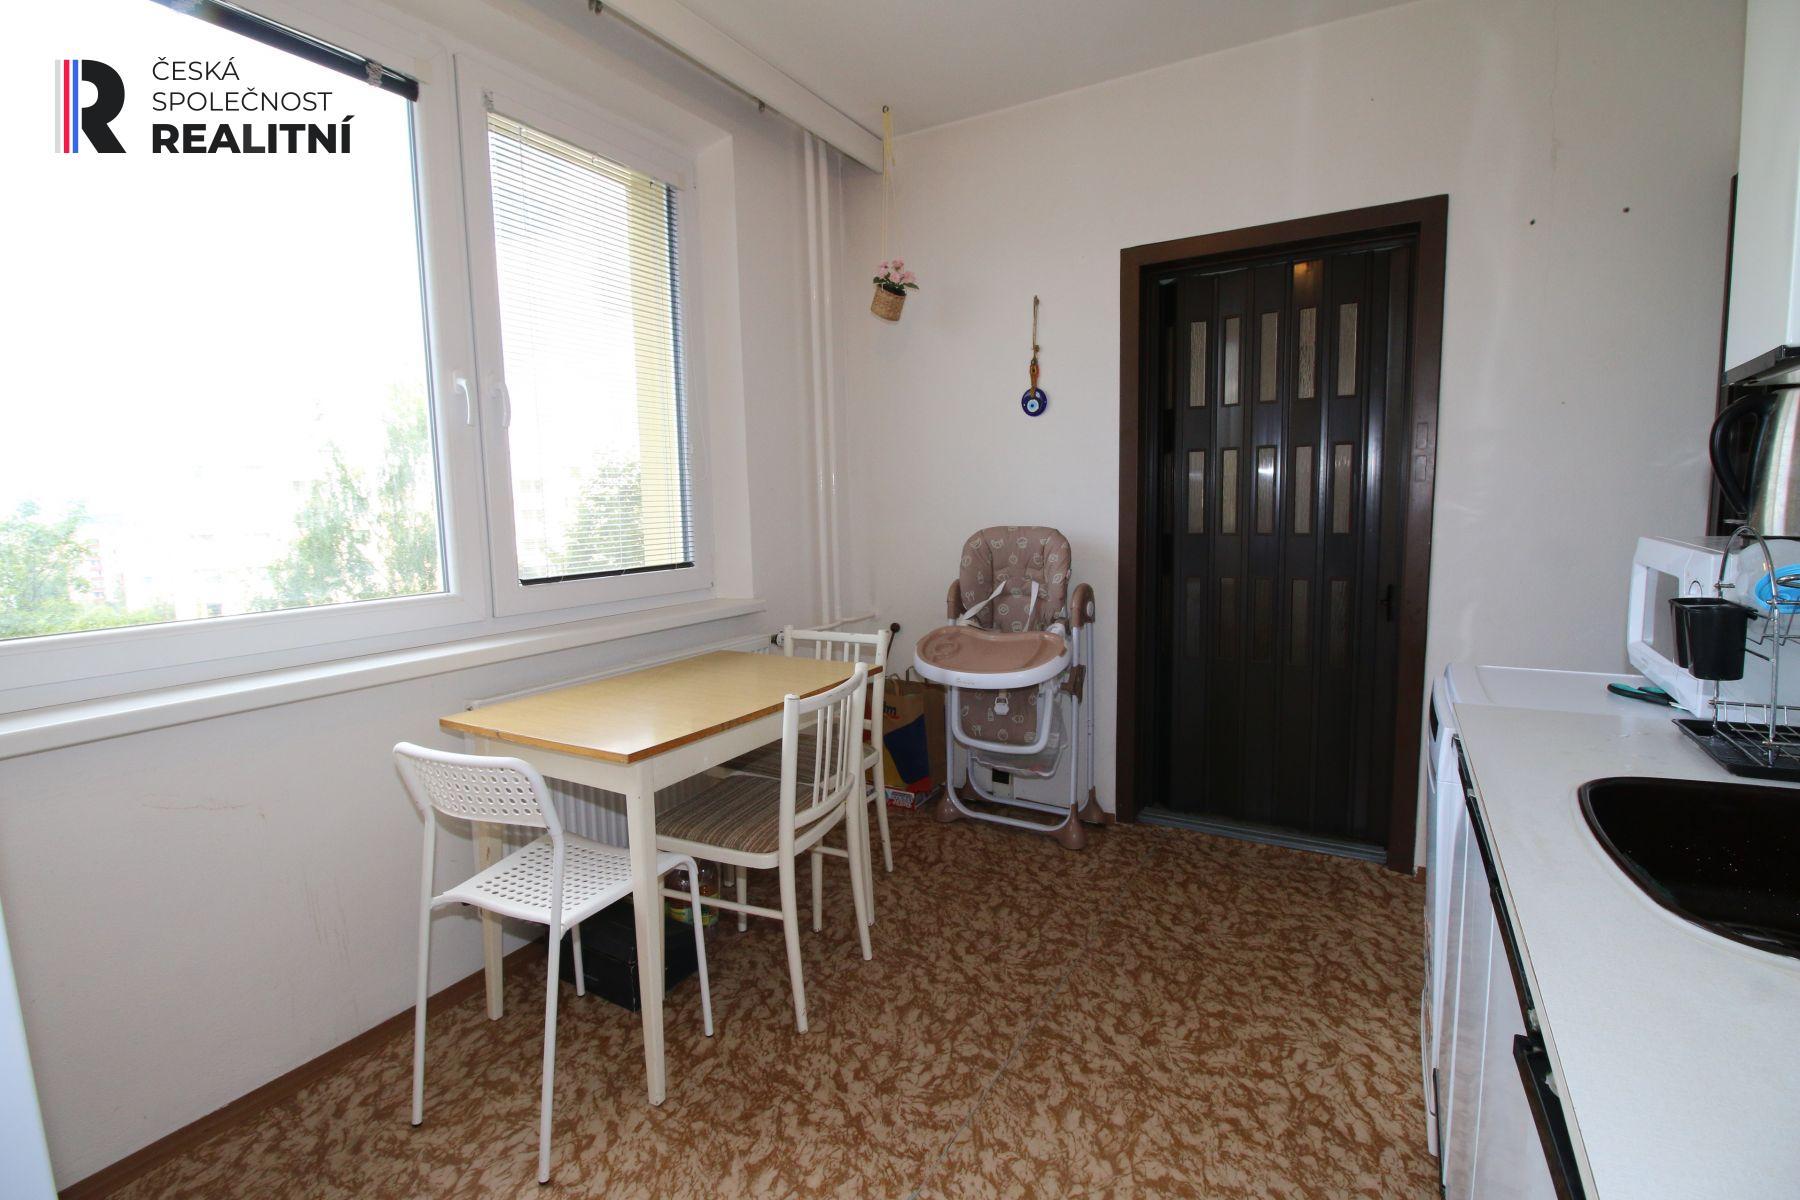 Prodej bytu 2+1 s lodžií, 59 m2, Teyschlova, Brno Bystrc